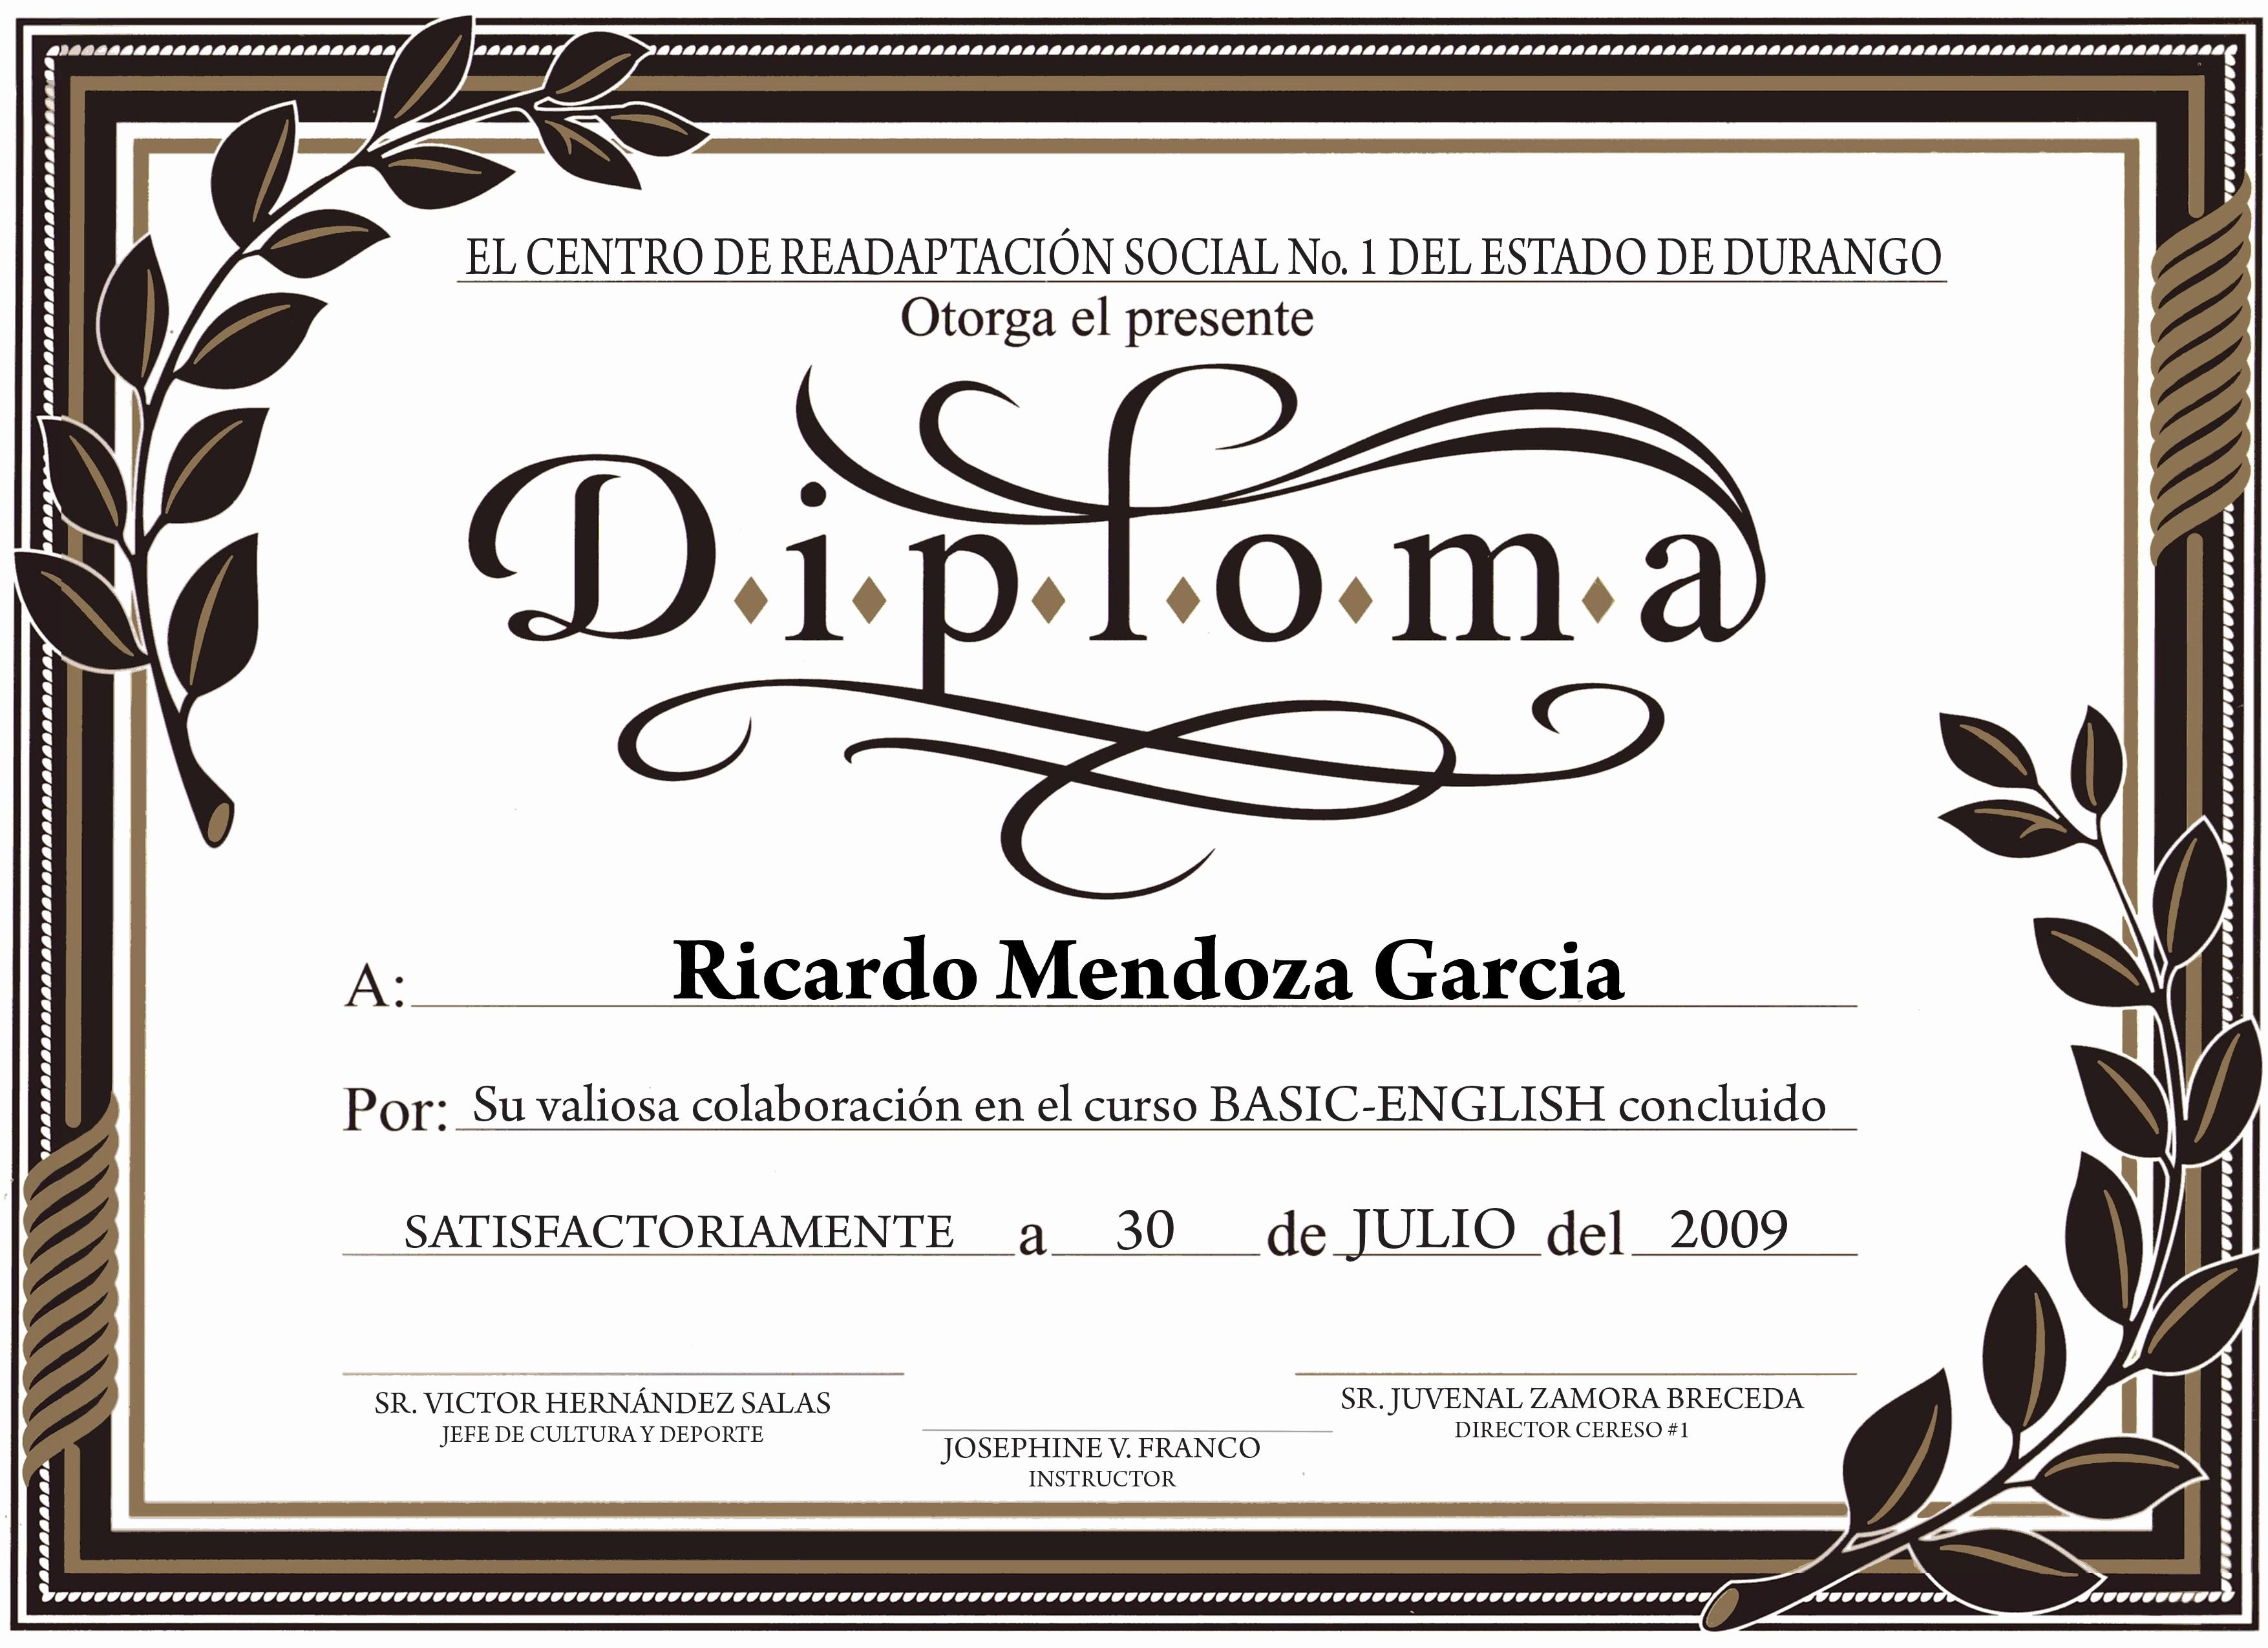 Plantillas De Diplomas Para Editar Best Of Plantillas De Diplomas Para Editar E Imprimir Imagui